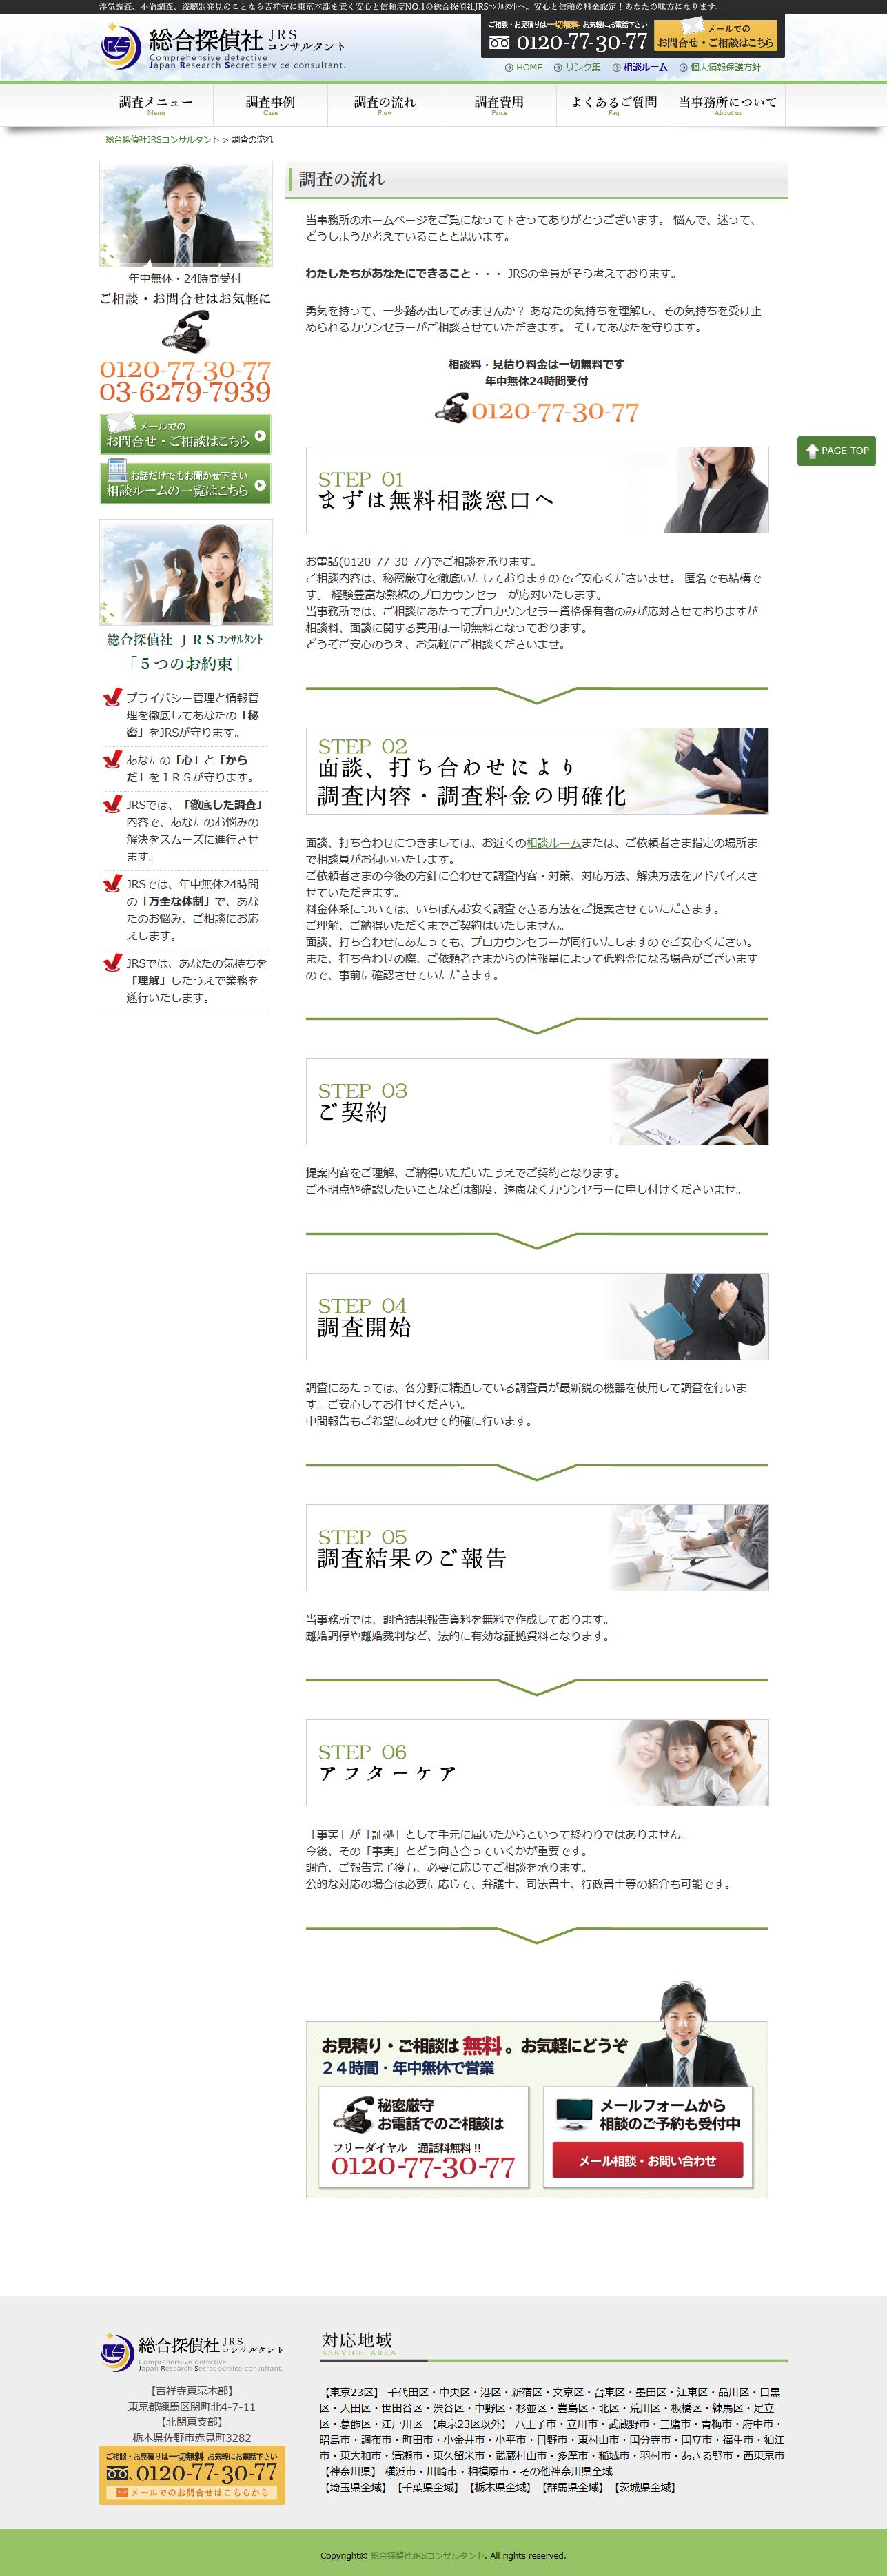 総合探偵社JRSコンサルタントさまのセカンドページ